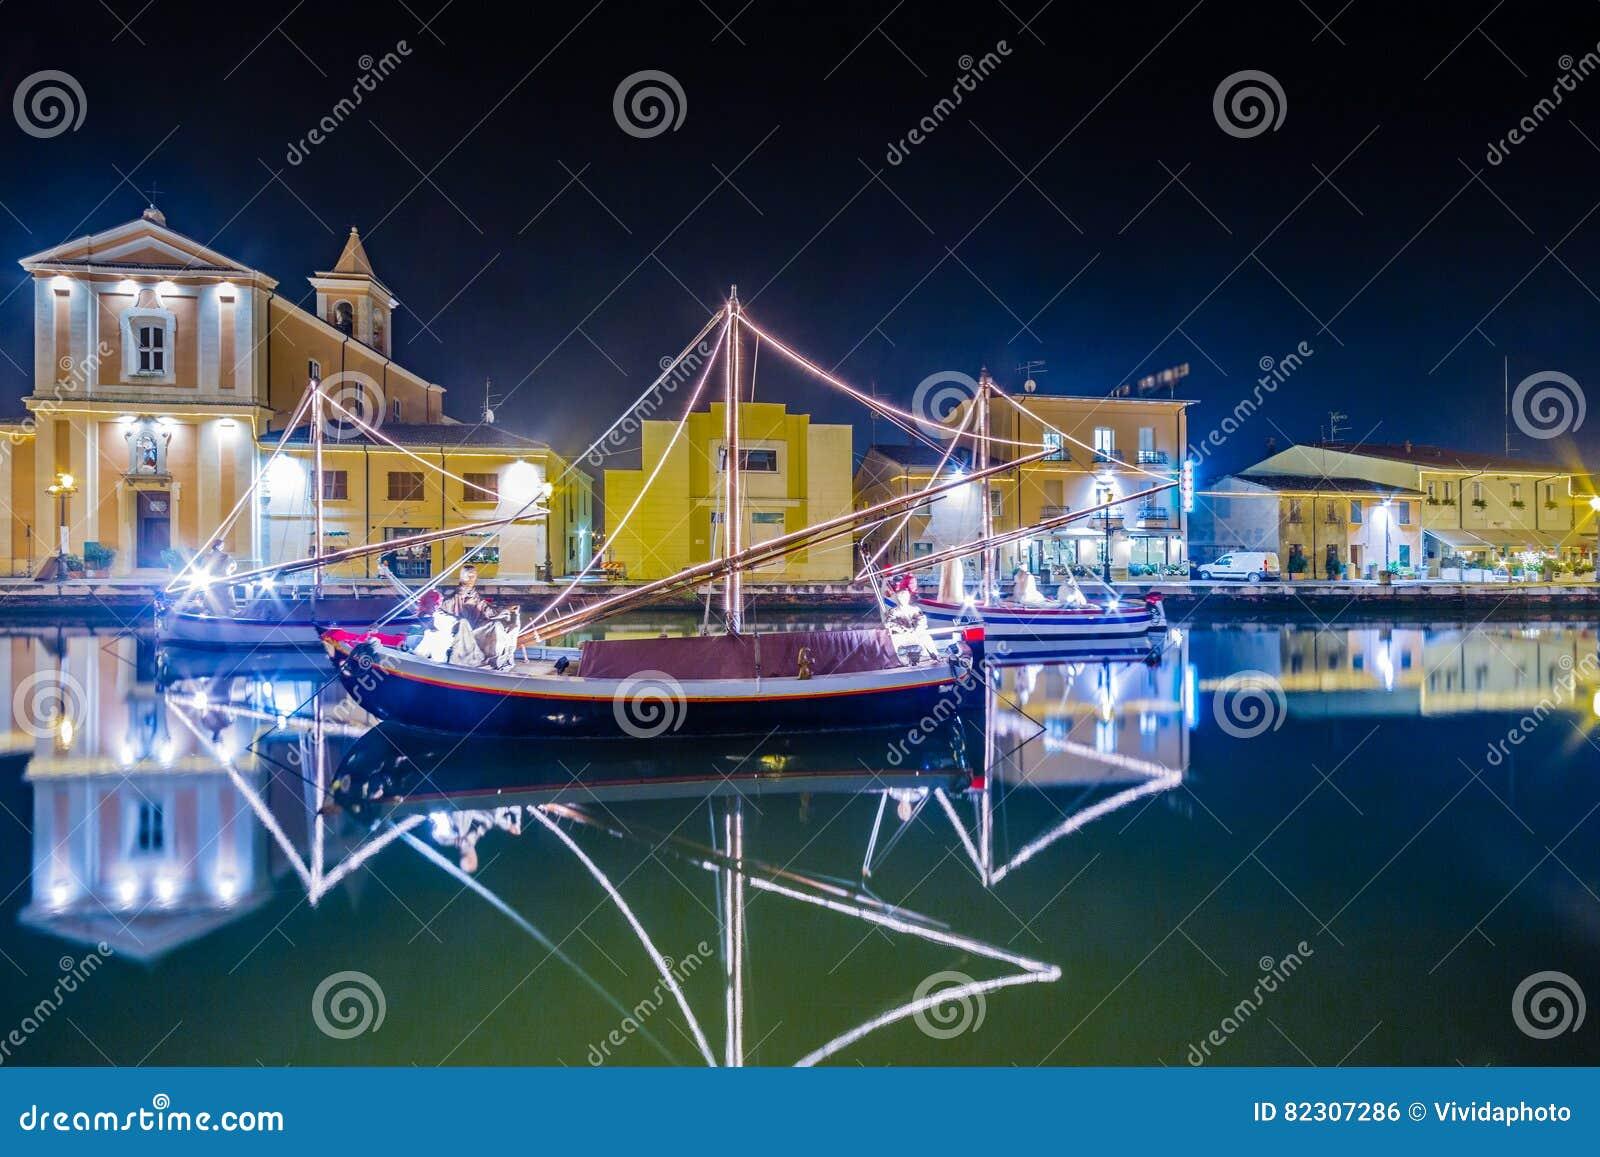 Decoraciones, luces y Marine Crib de la Navidad